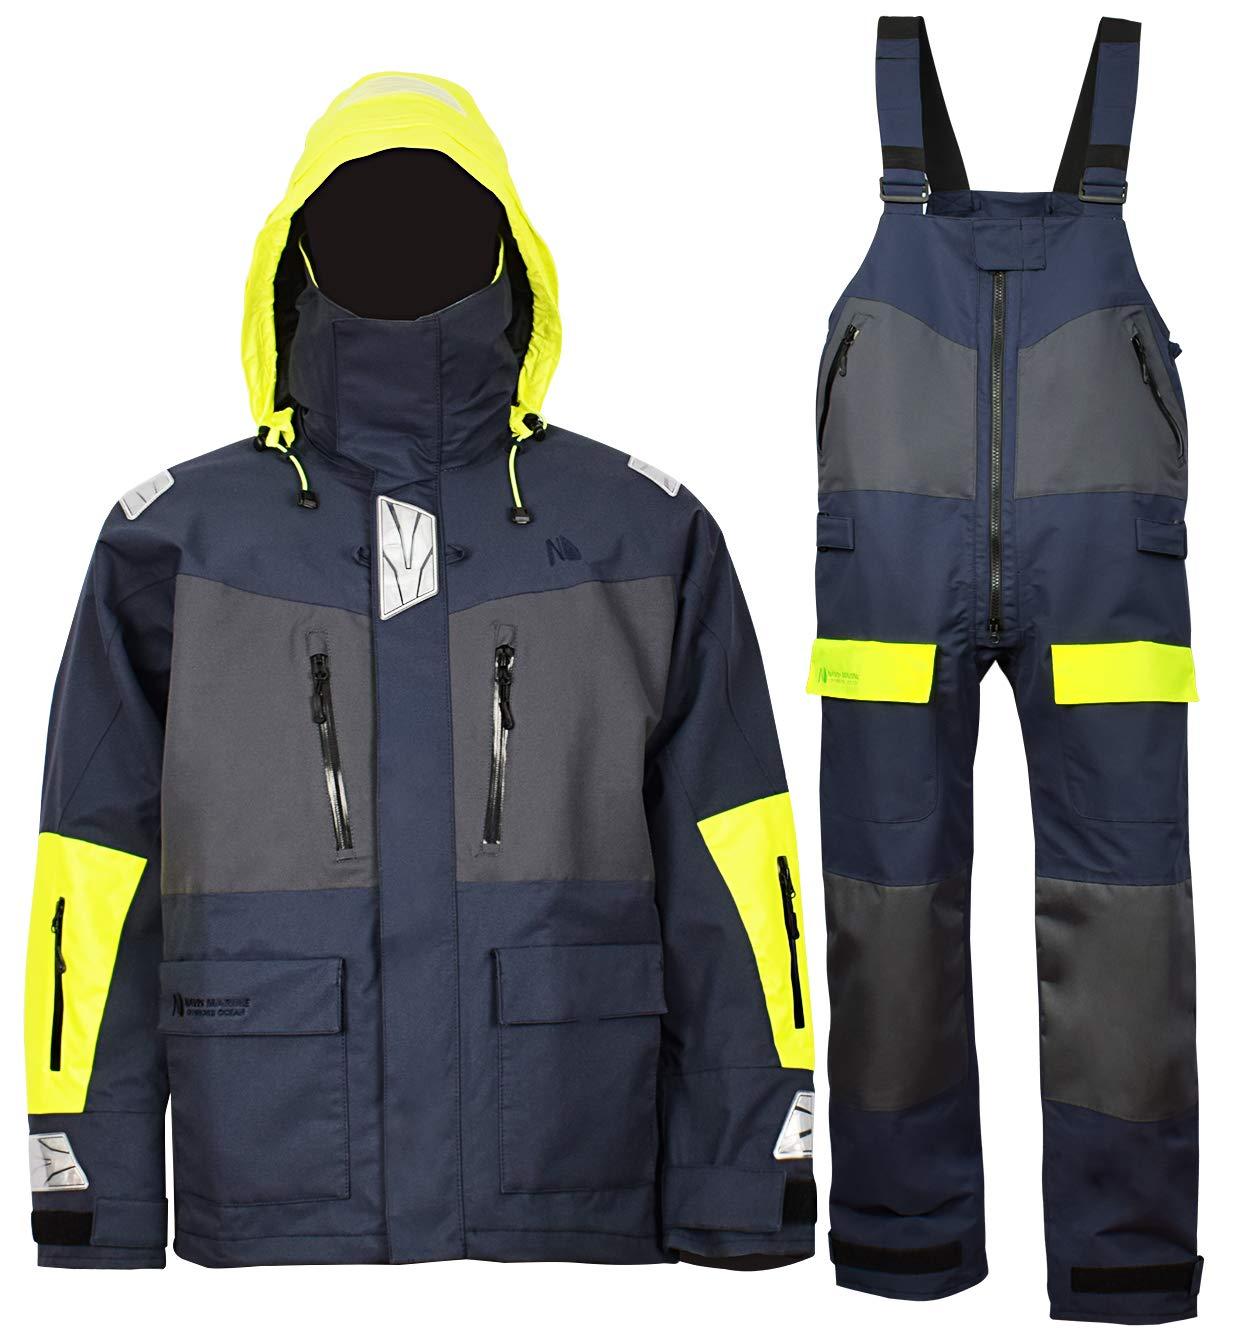 【限定セール!】 Navis Jacket Marine釣りRain Suit (5'9